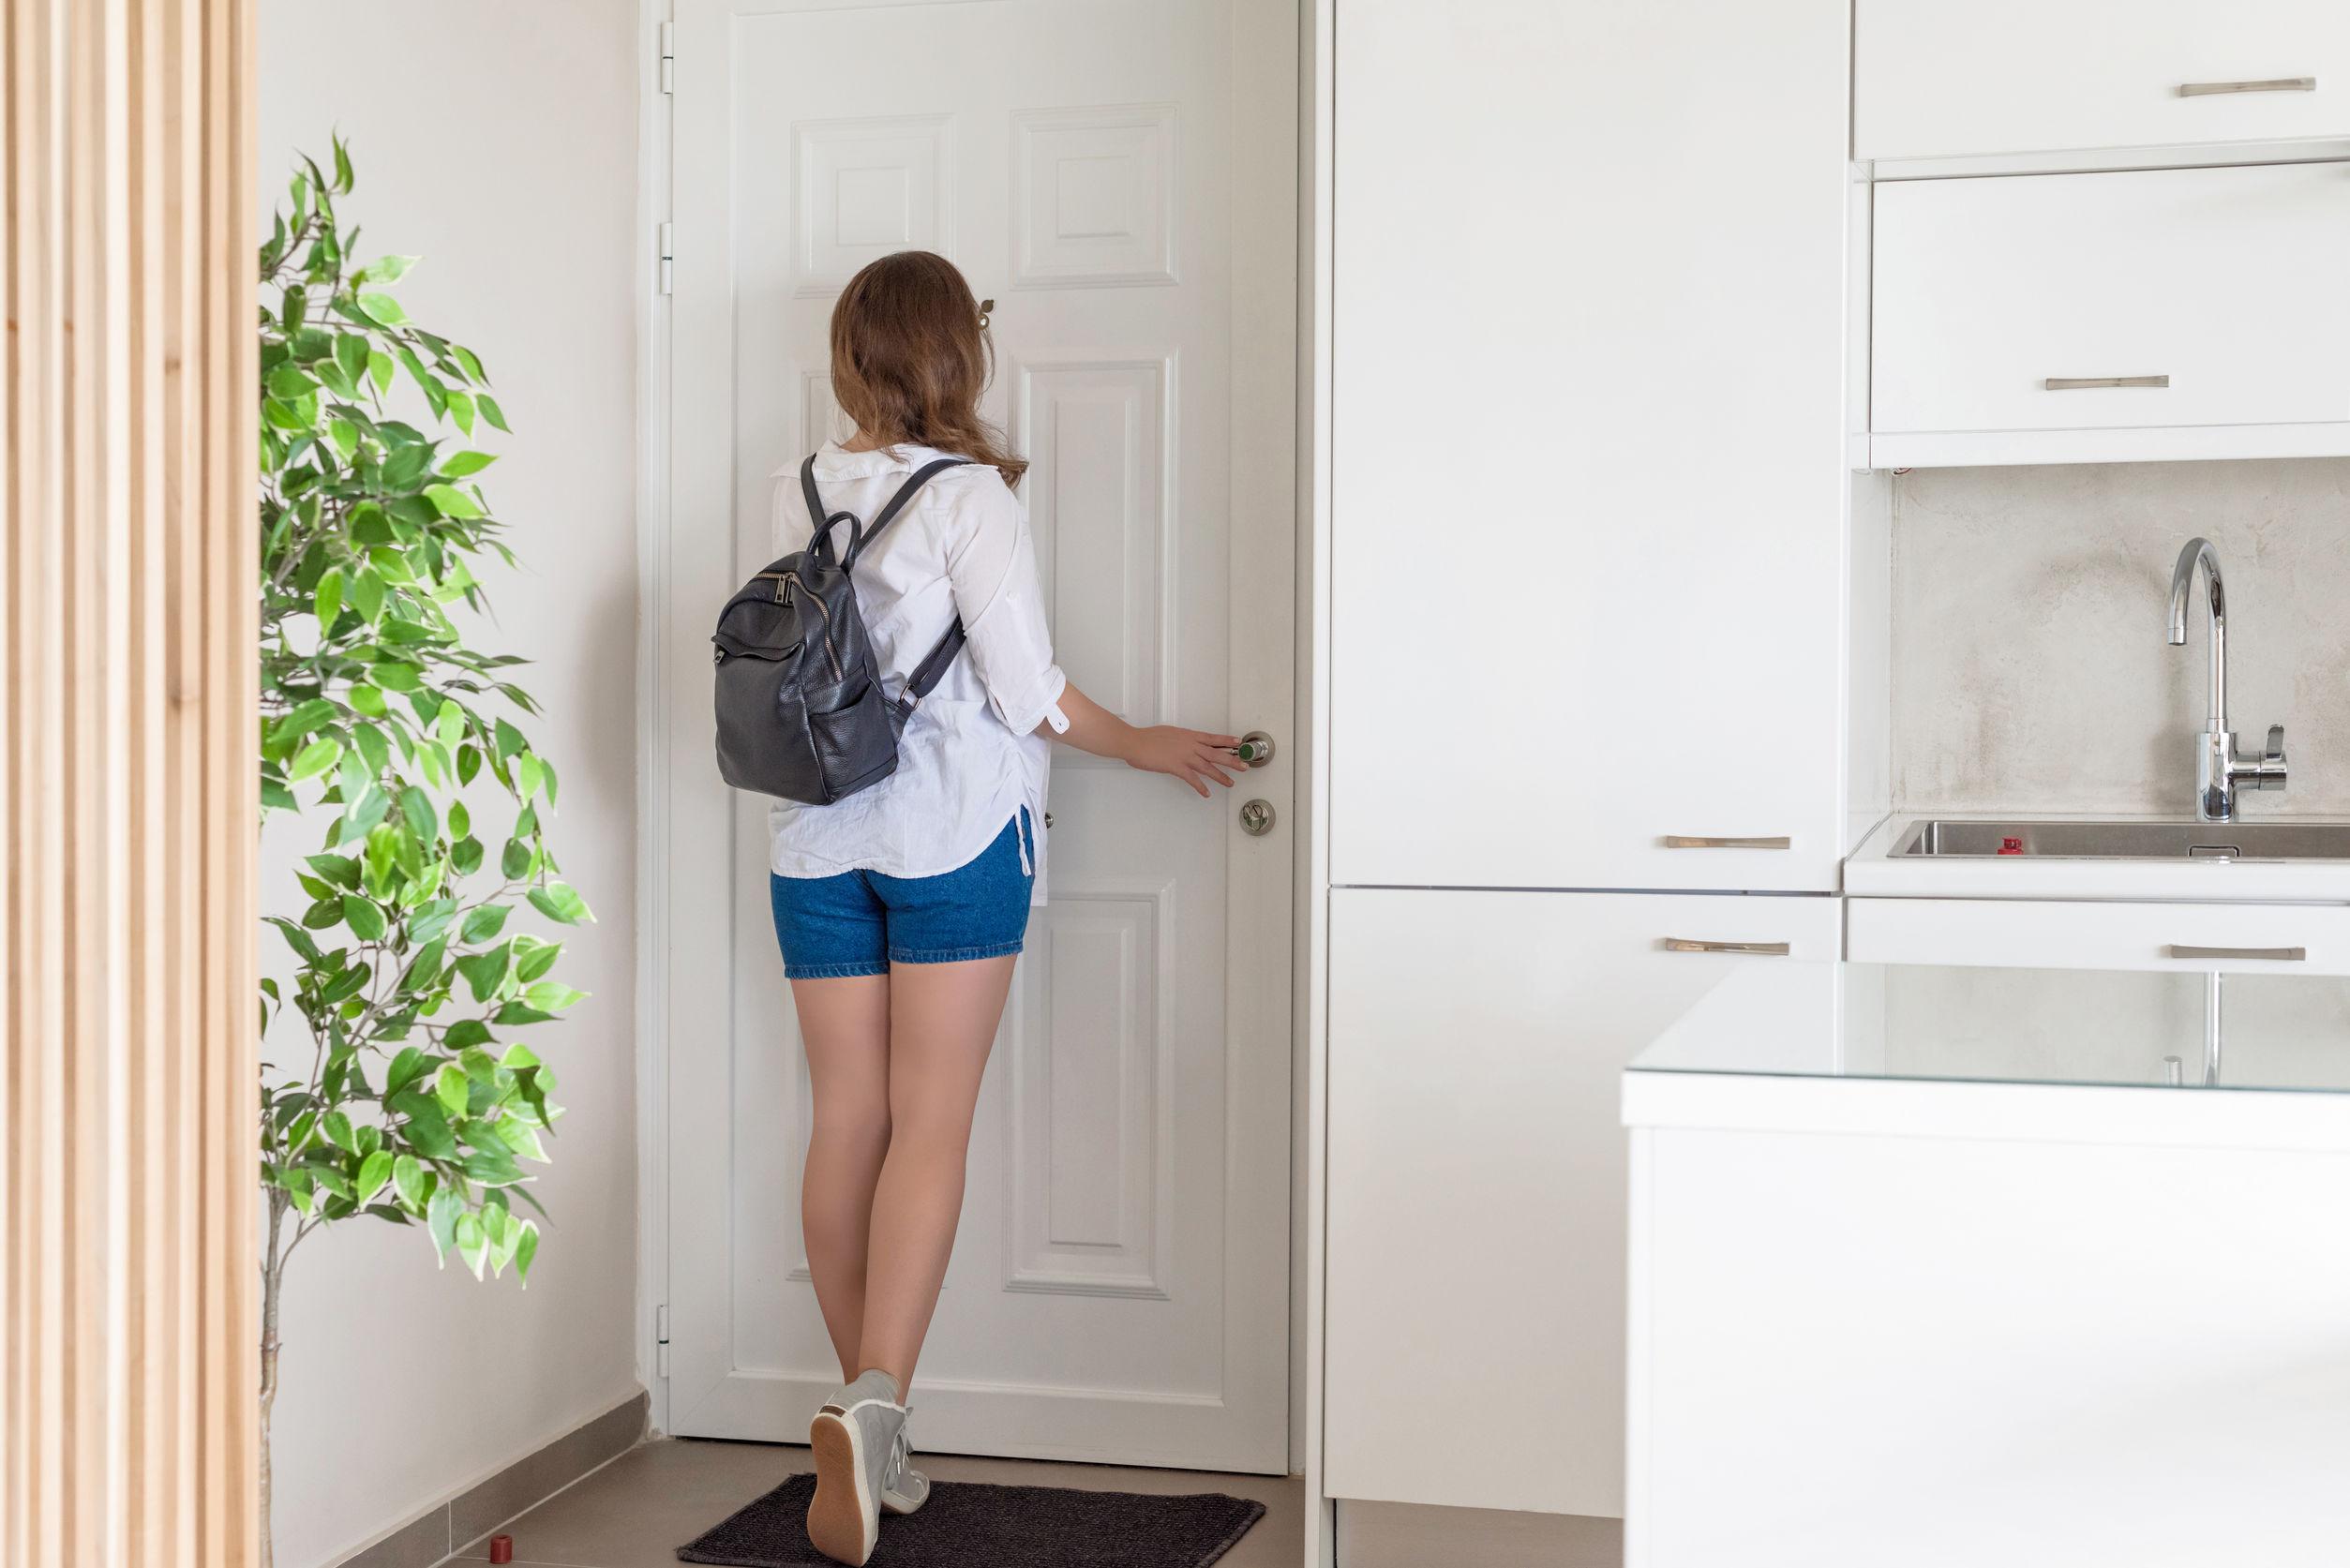 Mulher em uma cozinha olhando no olho mágico da porta